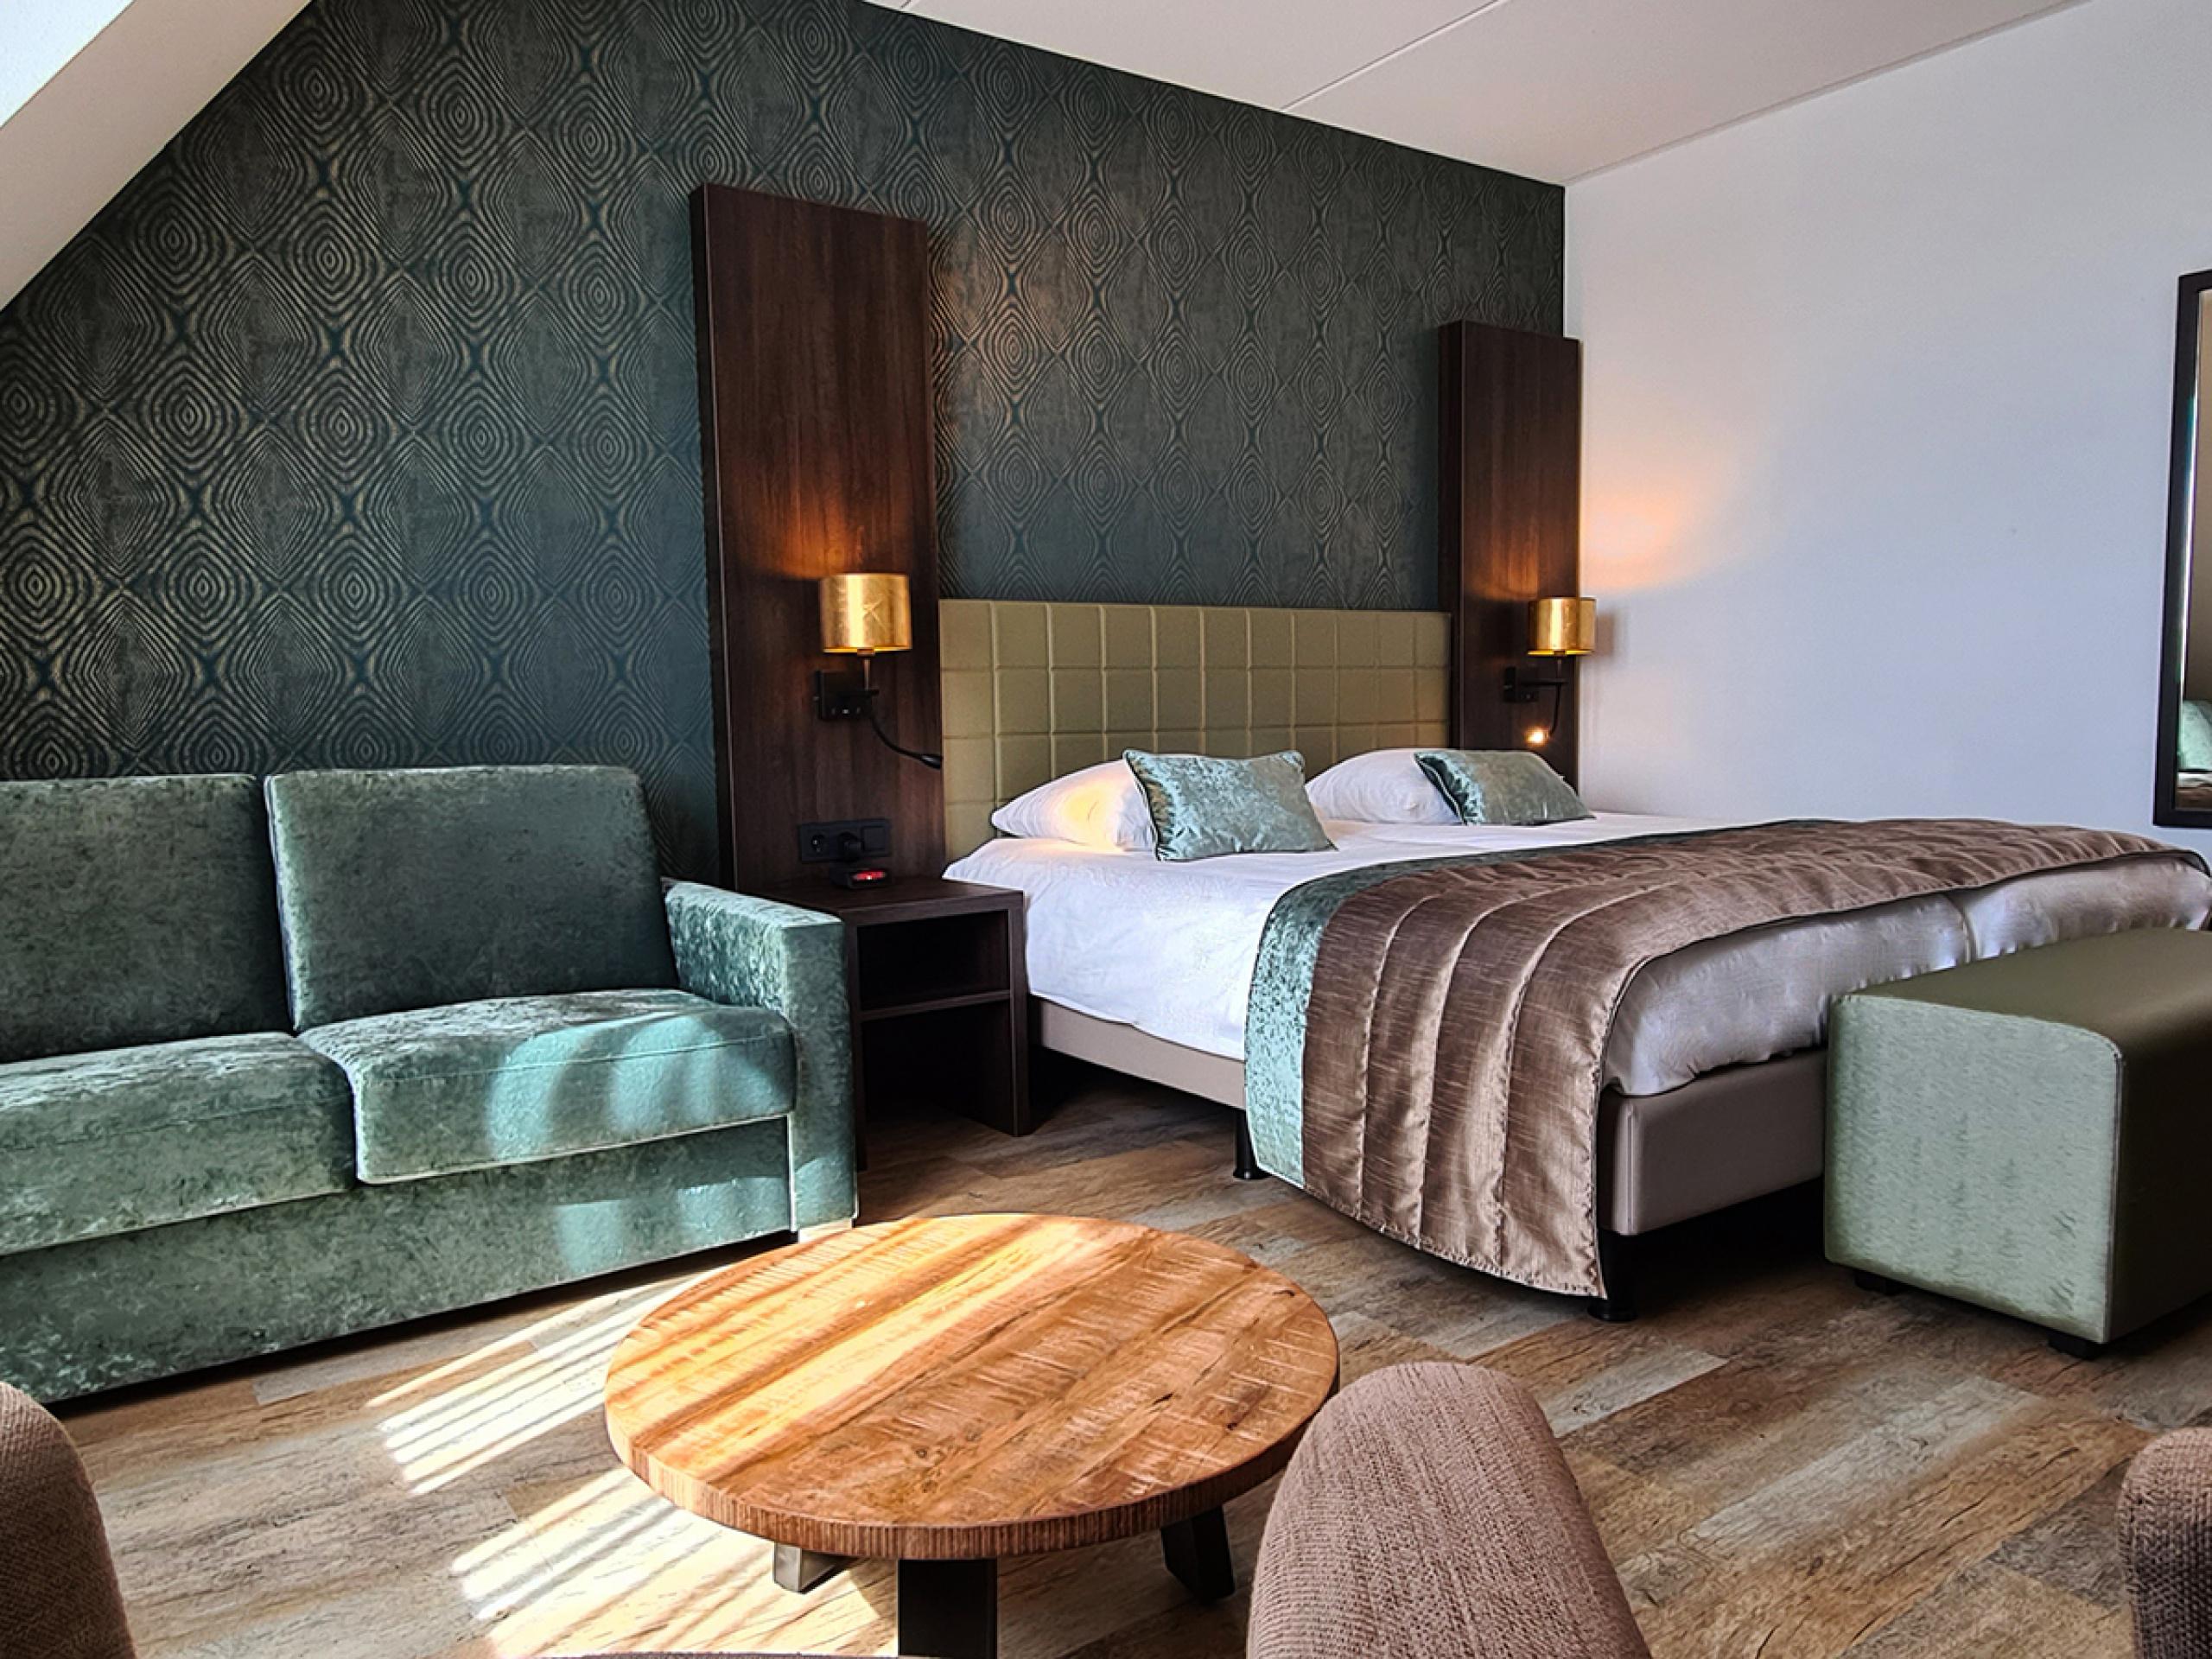 Erholung pur im stimmungsvollen Hotel ideal gelegen am Rande von De Koog